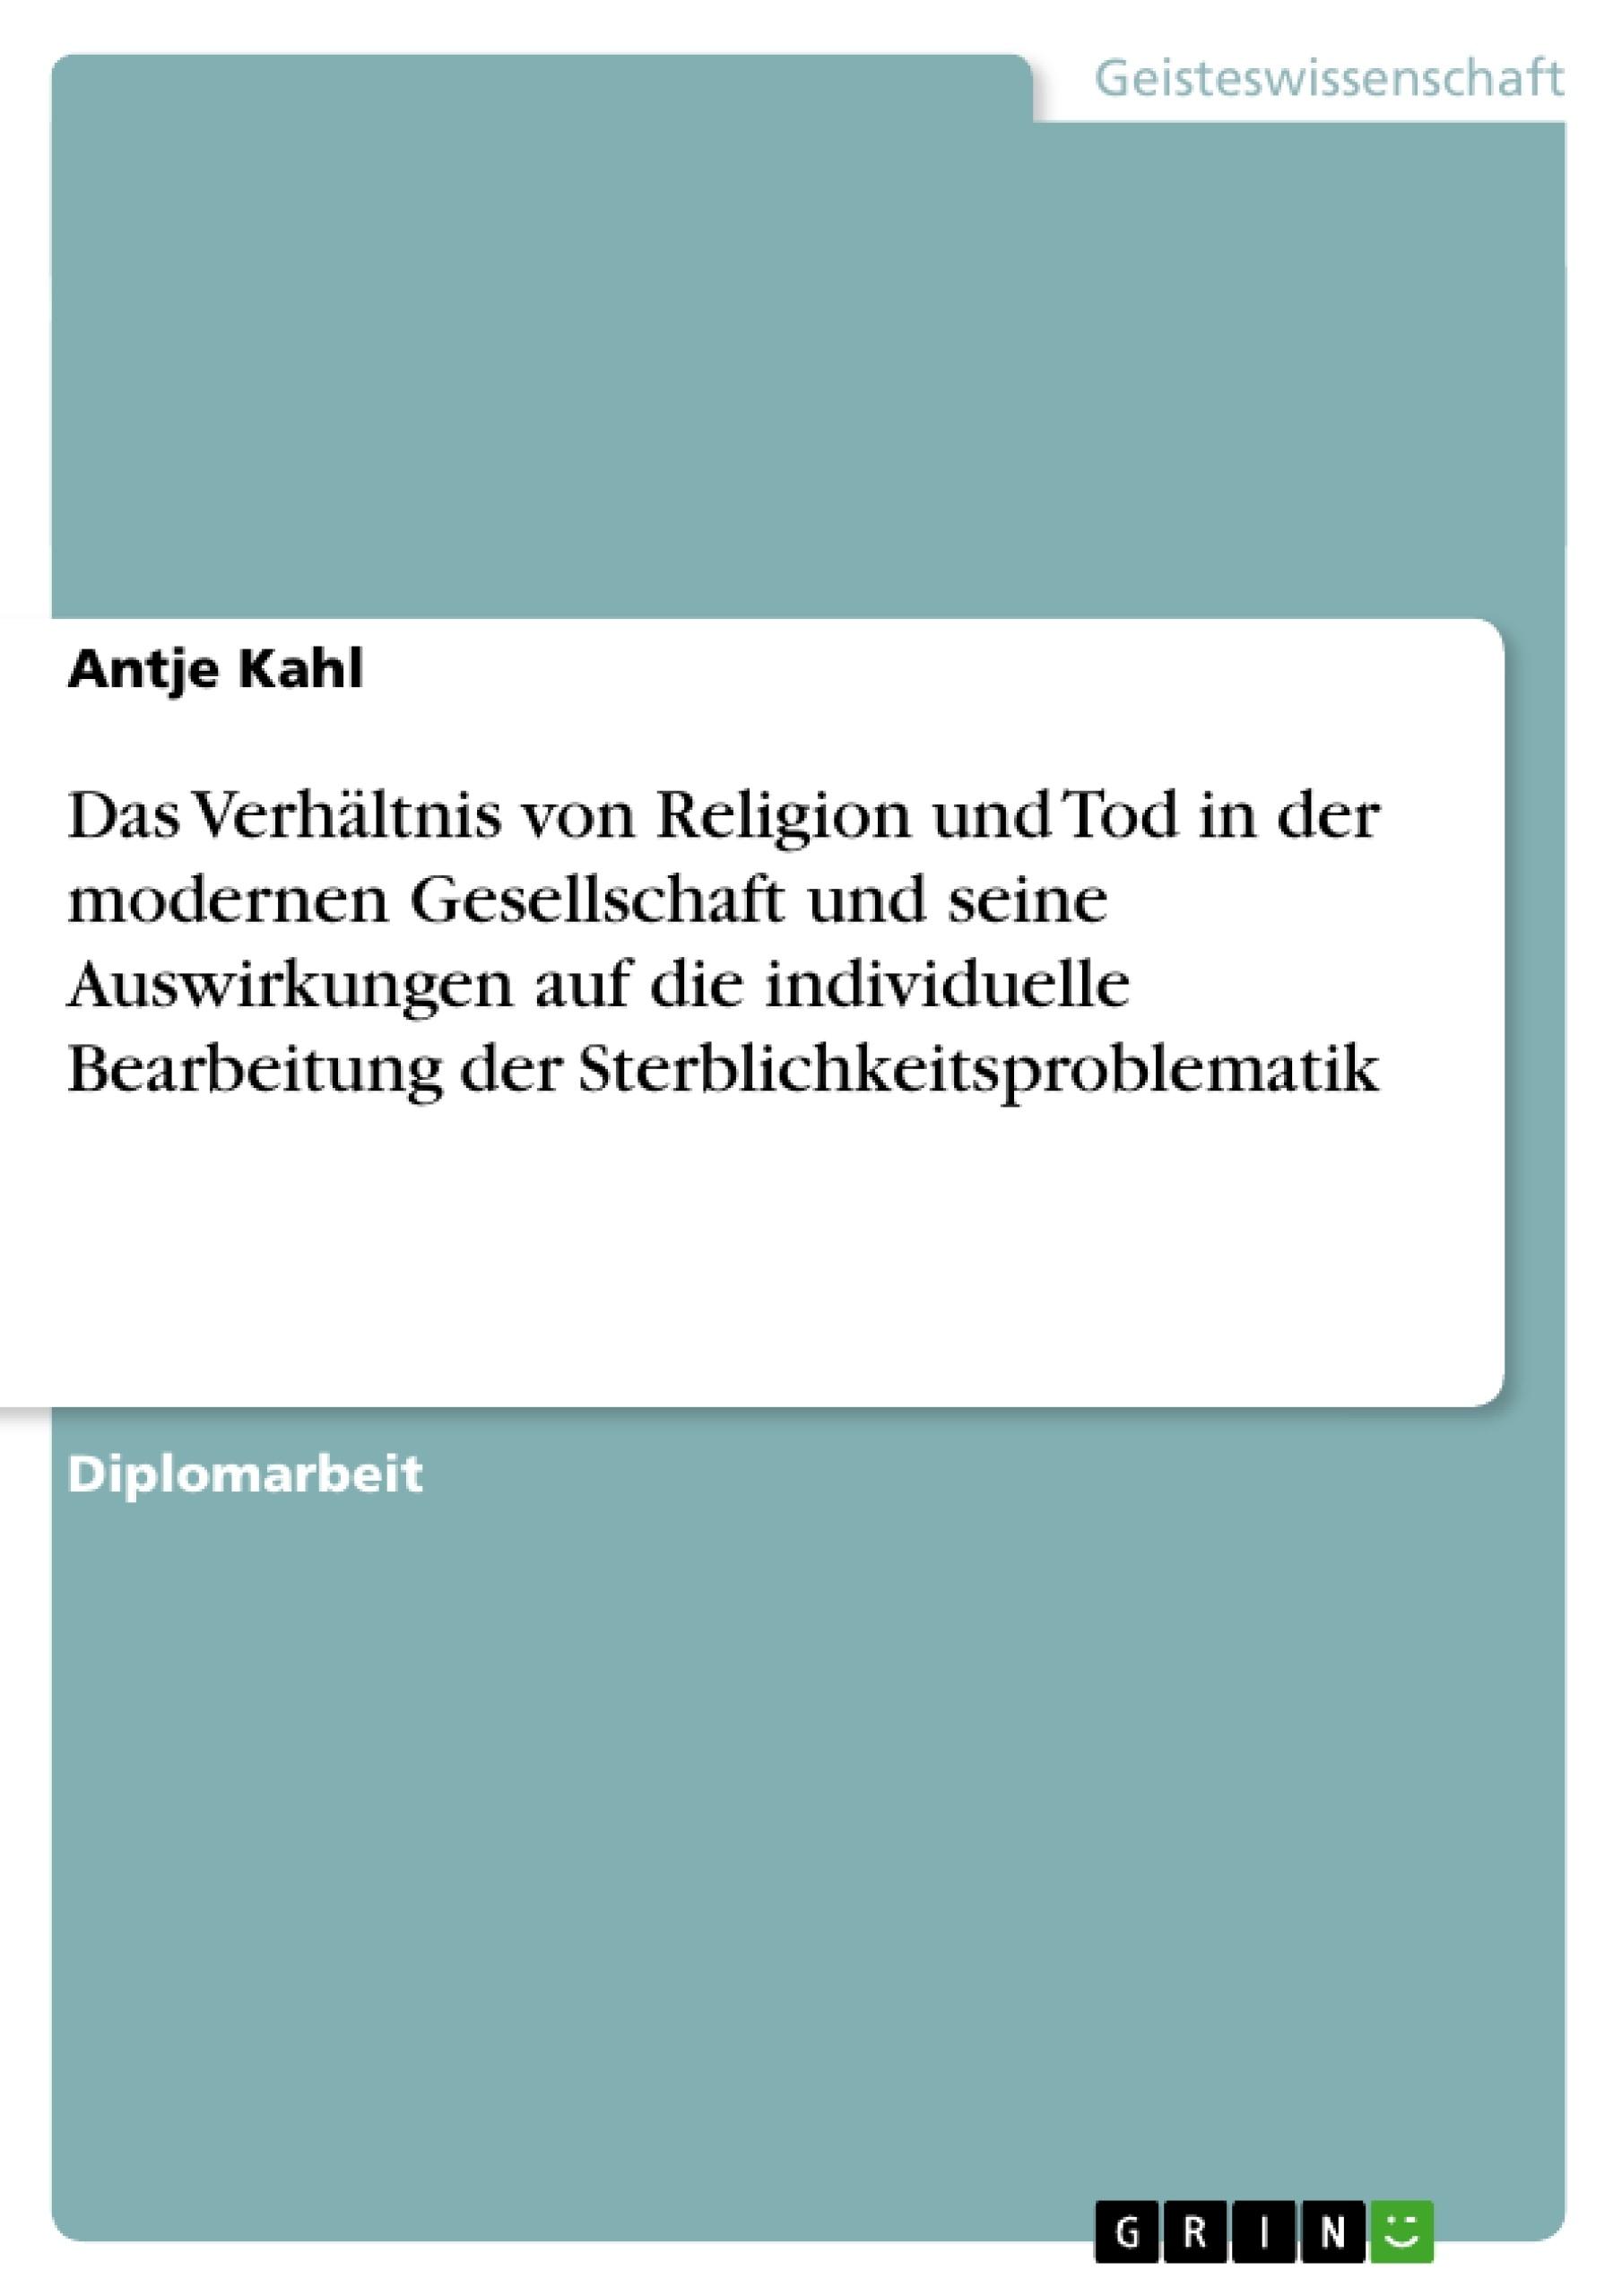 Titel: Das Verhältnis von Religion und Tod in der modernen Gesellschaft und seine Auswirkungen auf die individuelle Bearbeitung der Sterblichkeitsproblematik